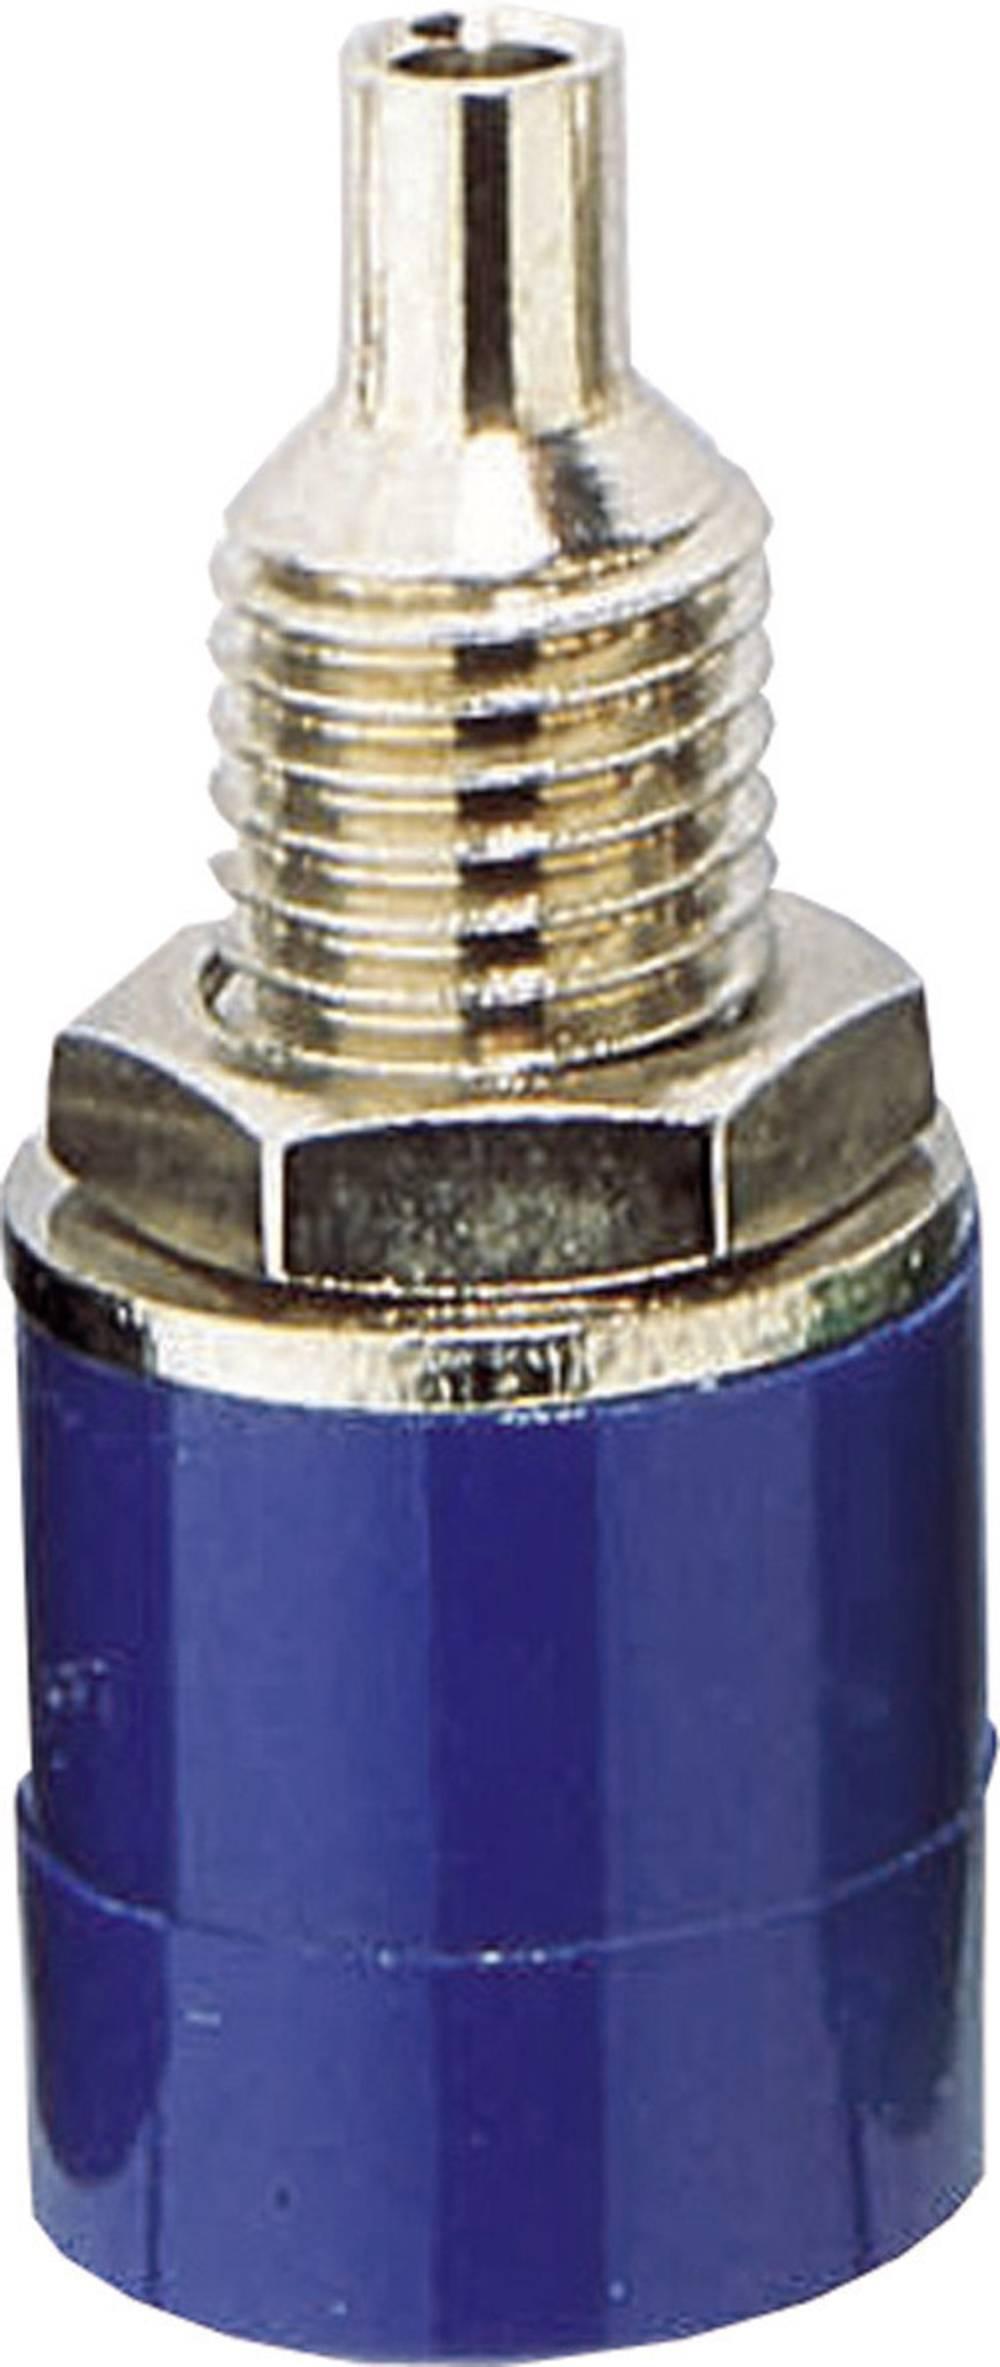 Laboratorietilslutning Tilslutning, indbygning lodret BKL Electronic 072310 4 mm Blå 1 stk